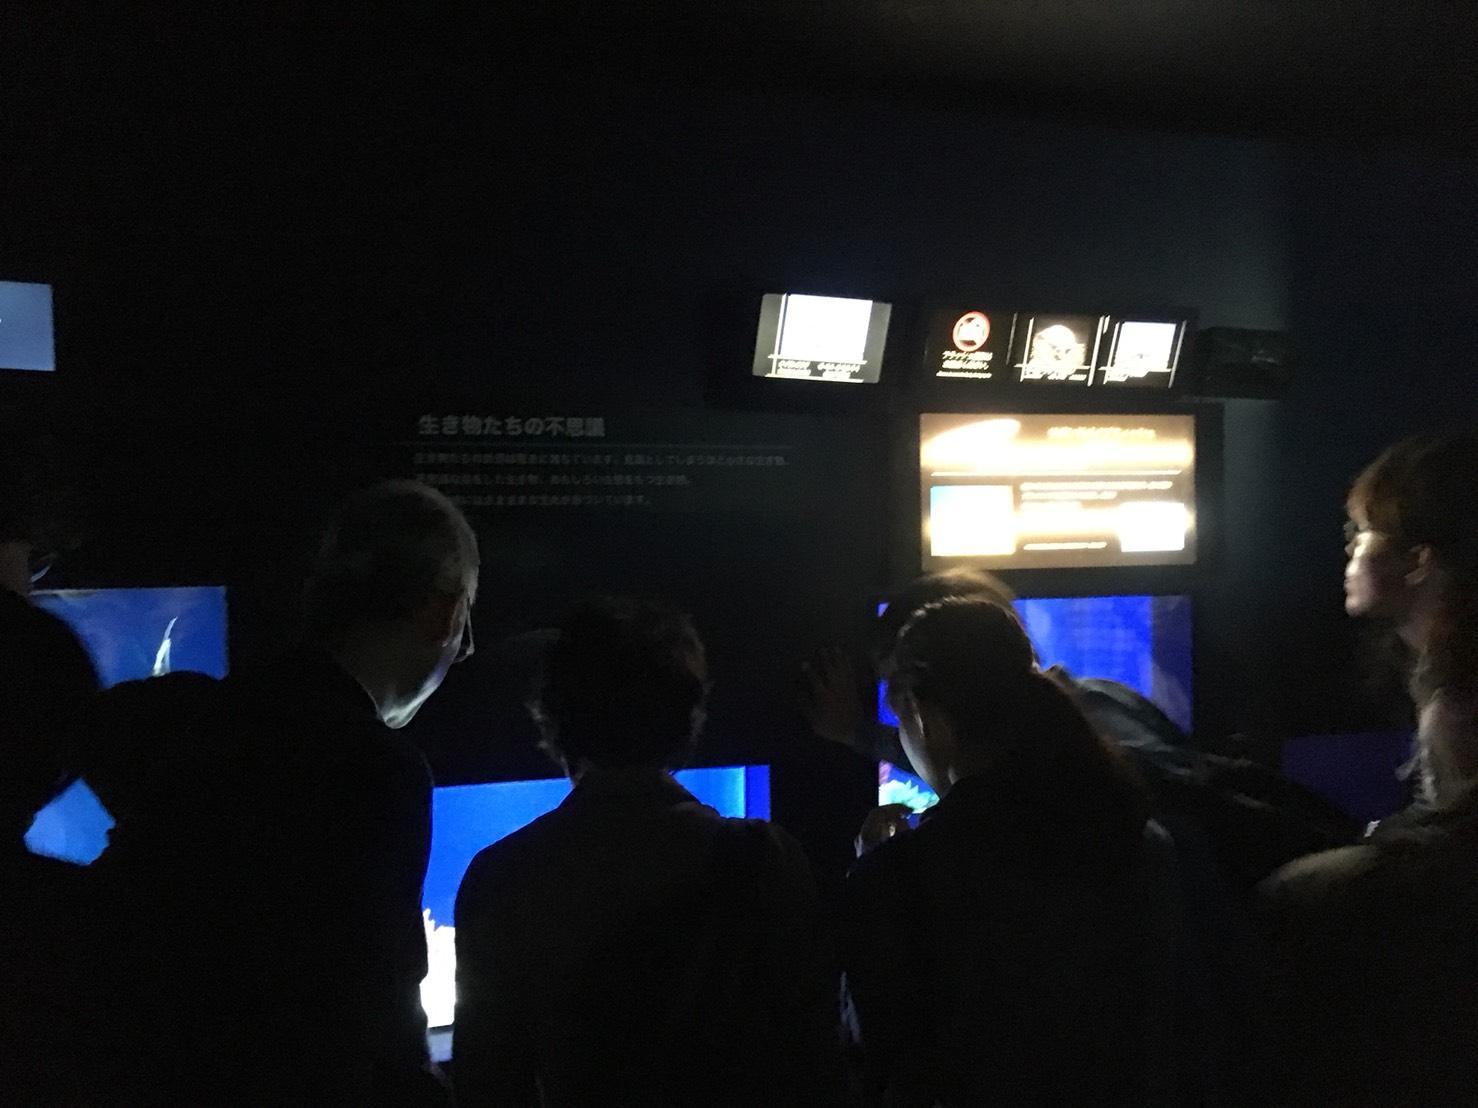 【池袋駅】「サンシャイン水族館」で癒されようよ!ほら早く!の水族館3